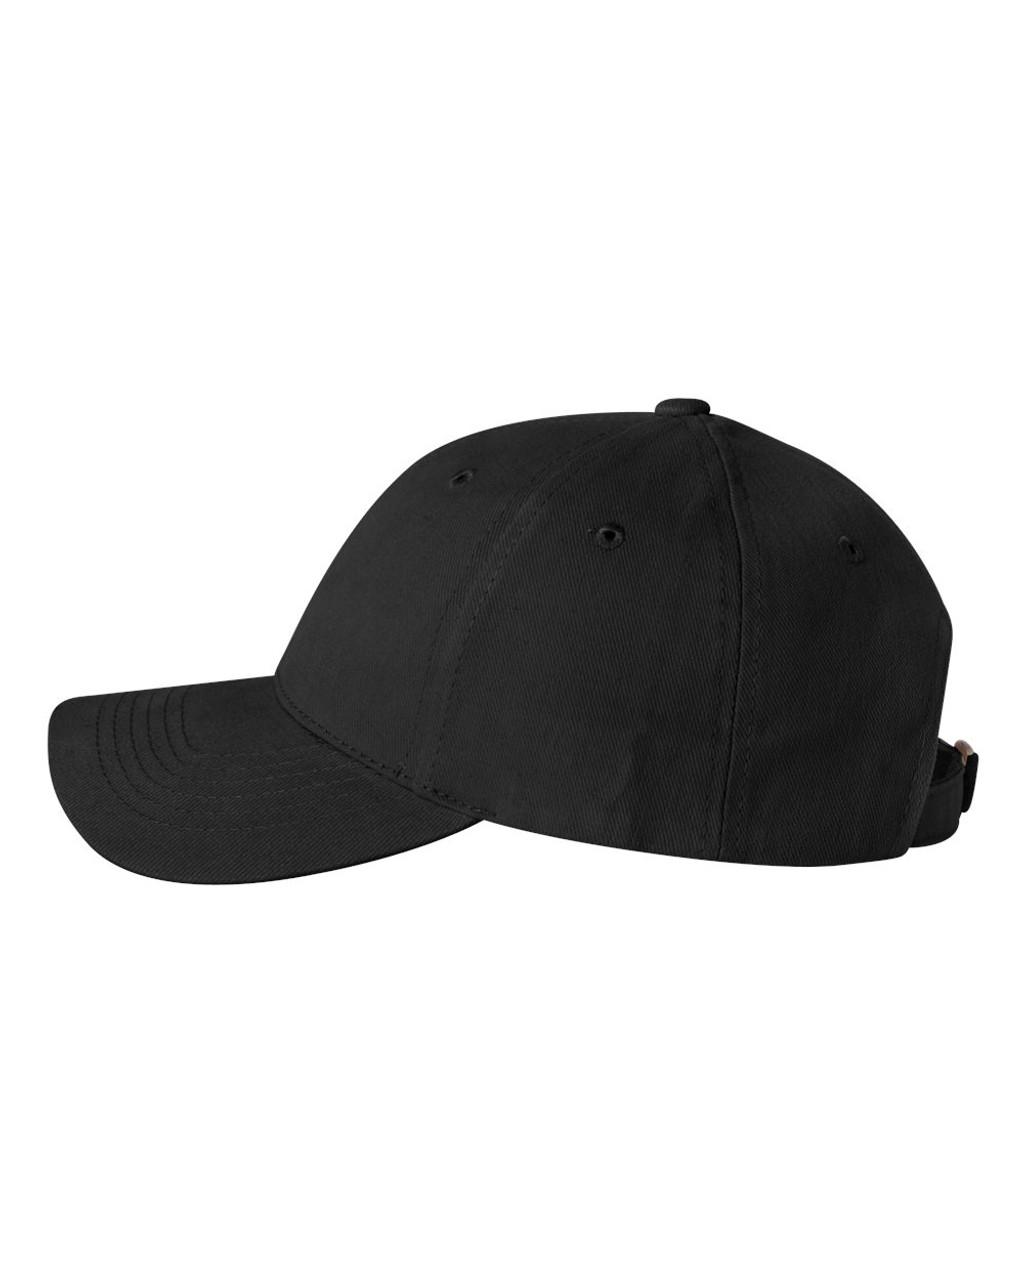 Black - SP9910 Sportsman Brushed Structured Hat | T-shirt.ca